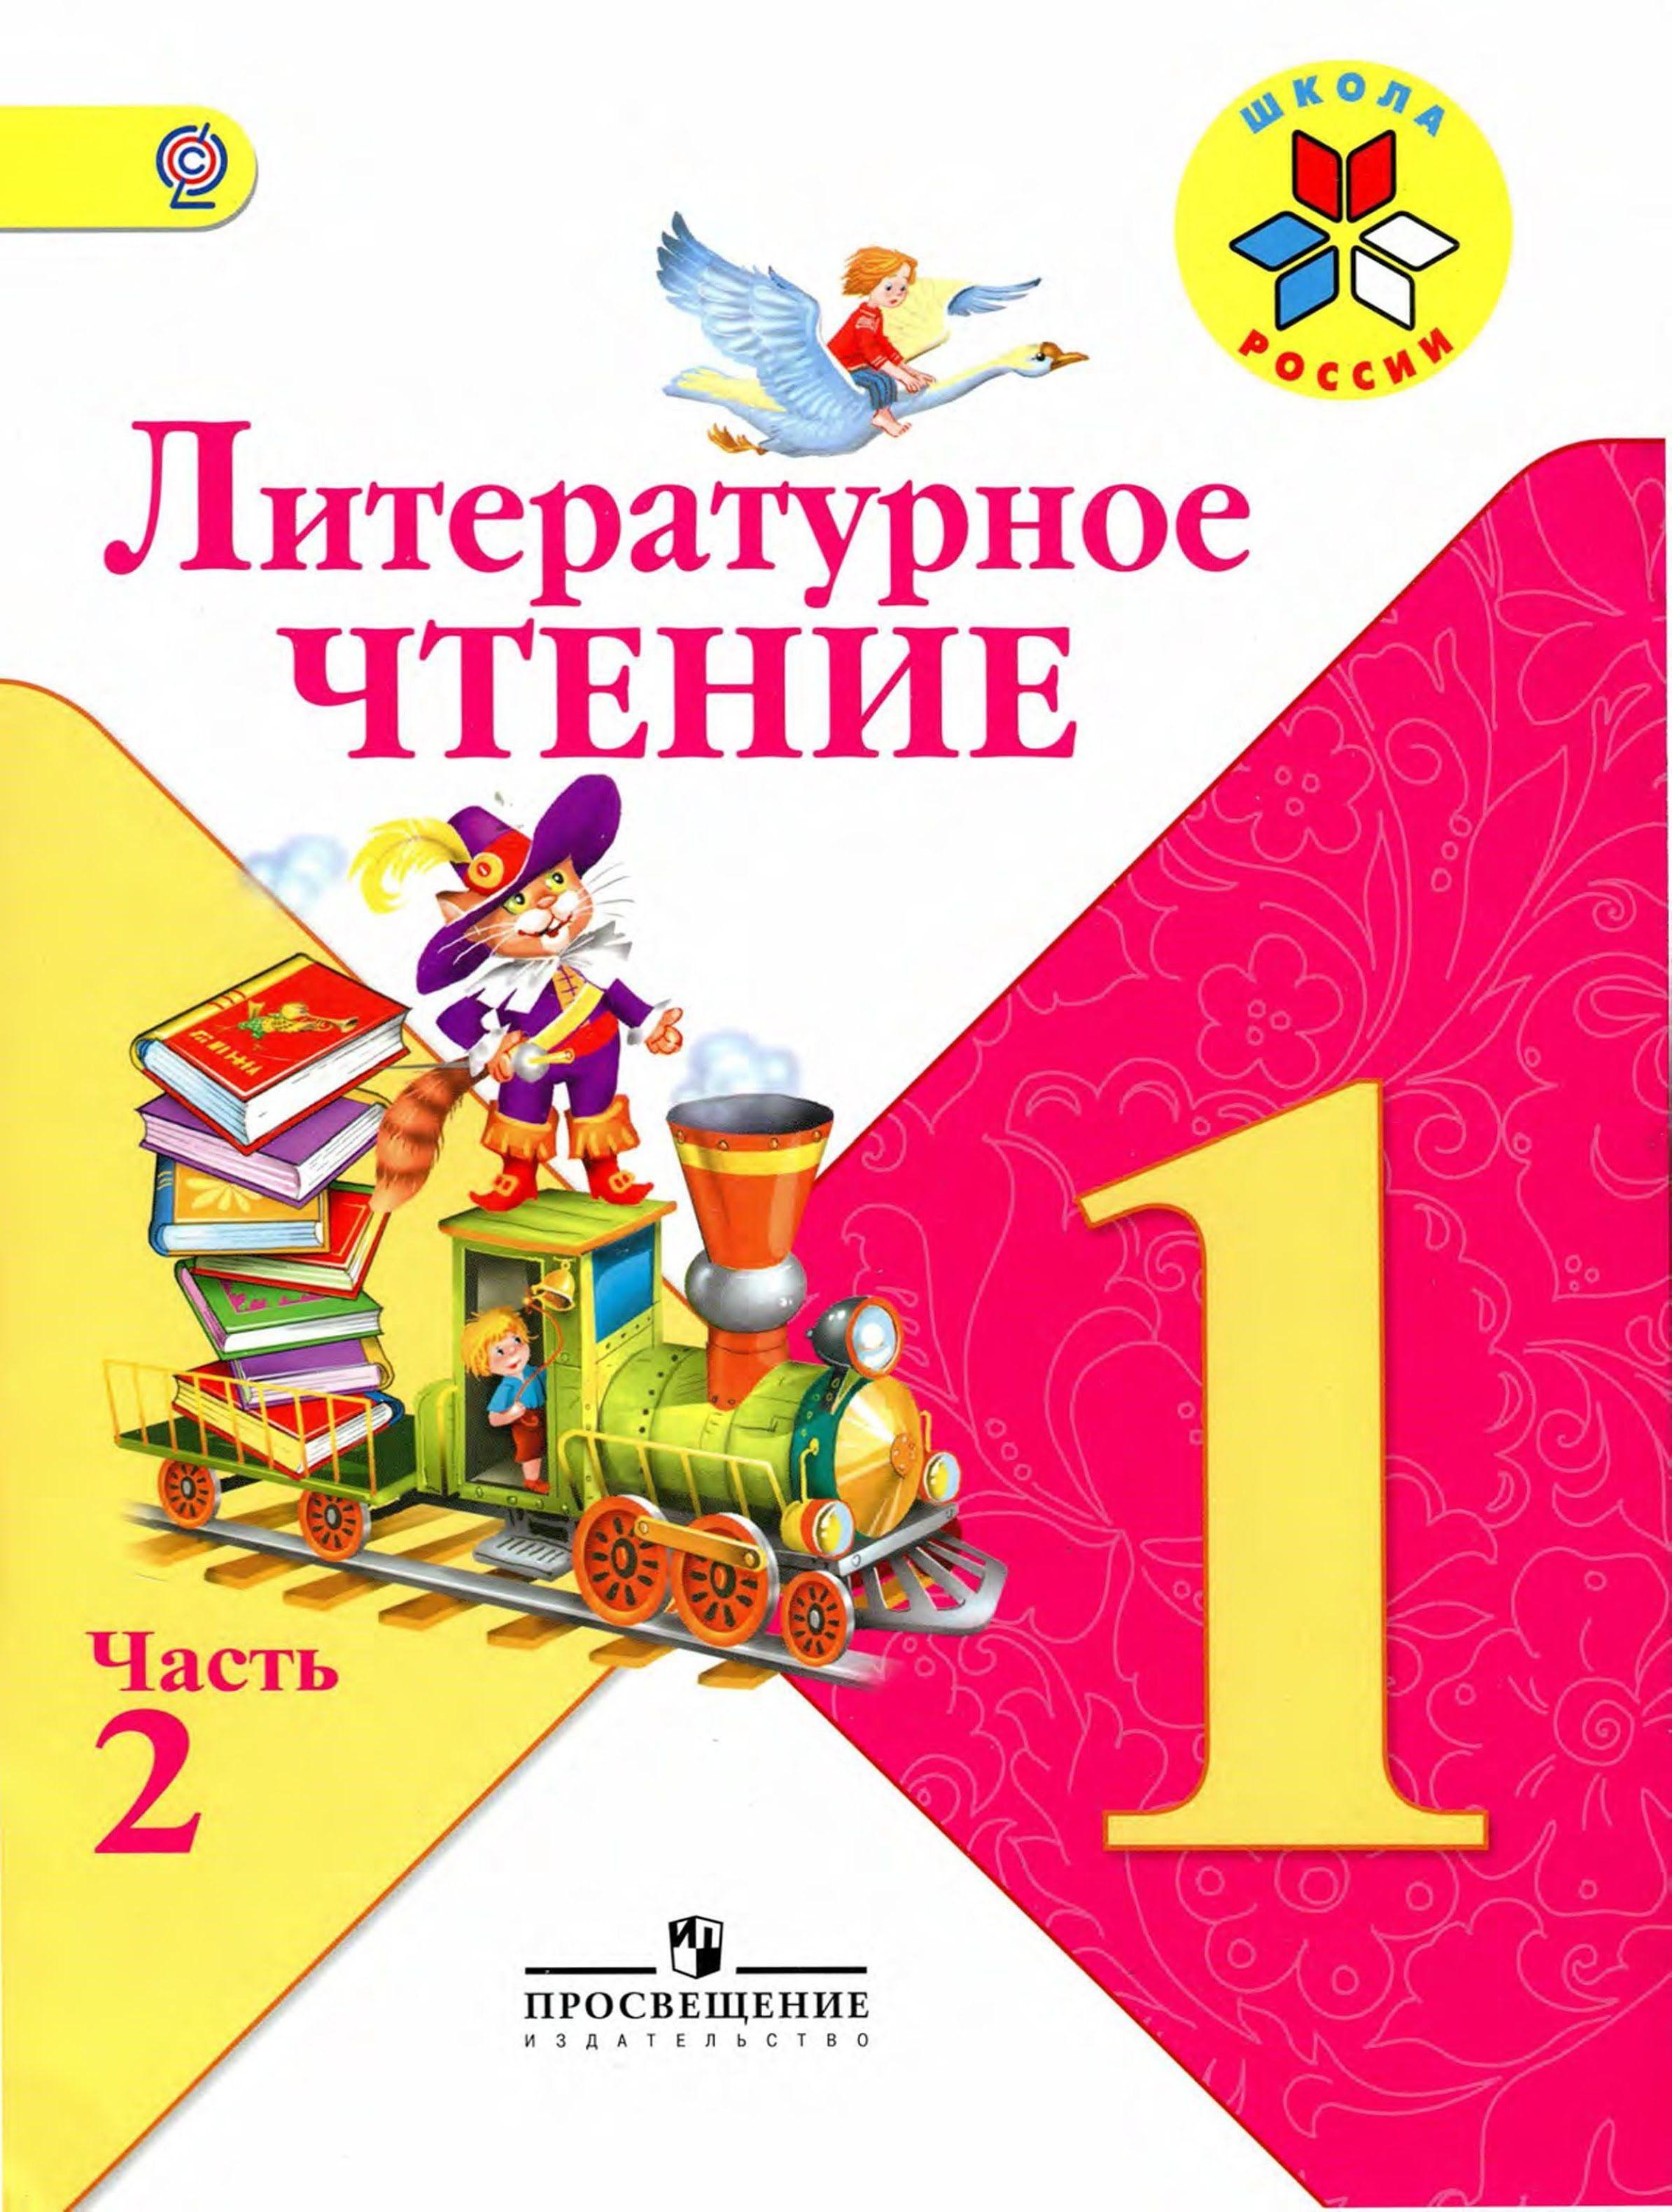 Календарно-тематическое планирование 2 класс по литературному чтению климанова горецкий